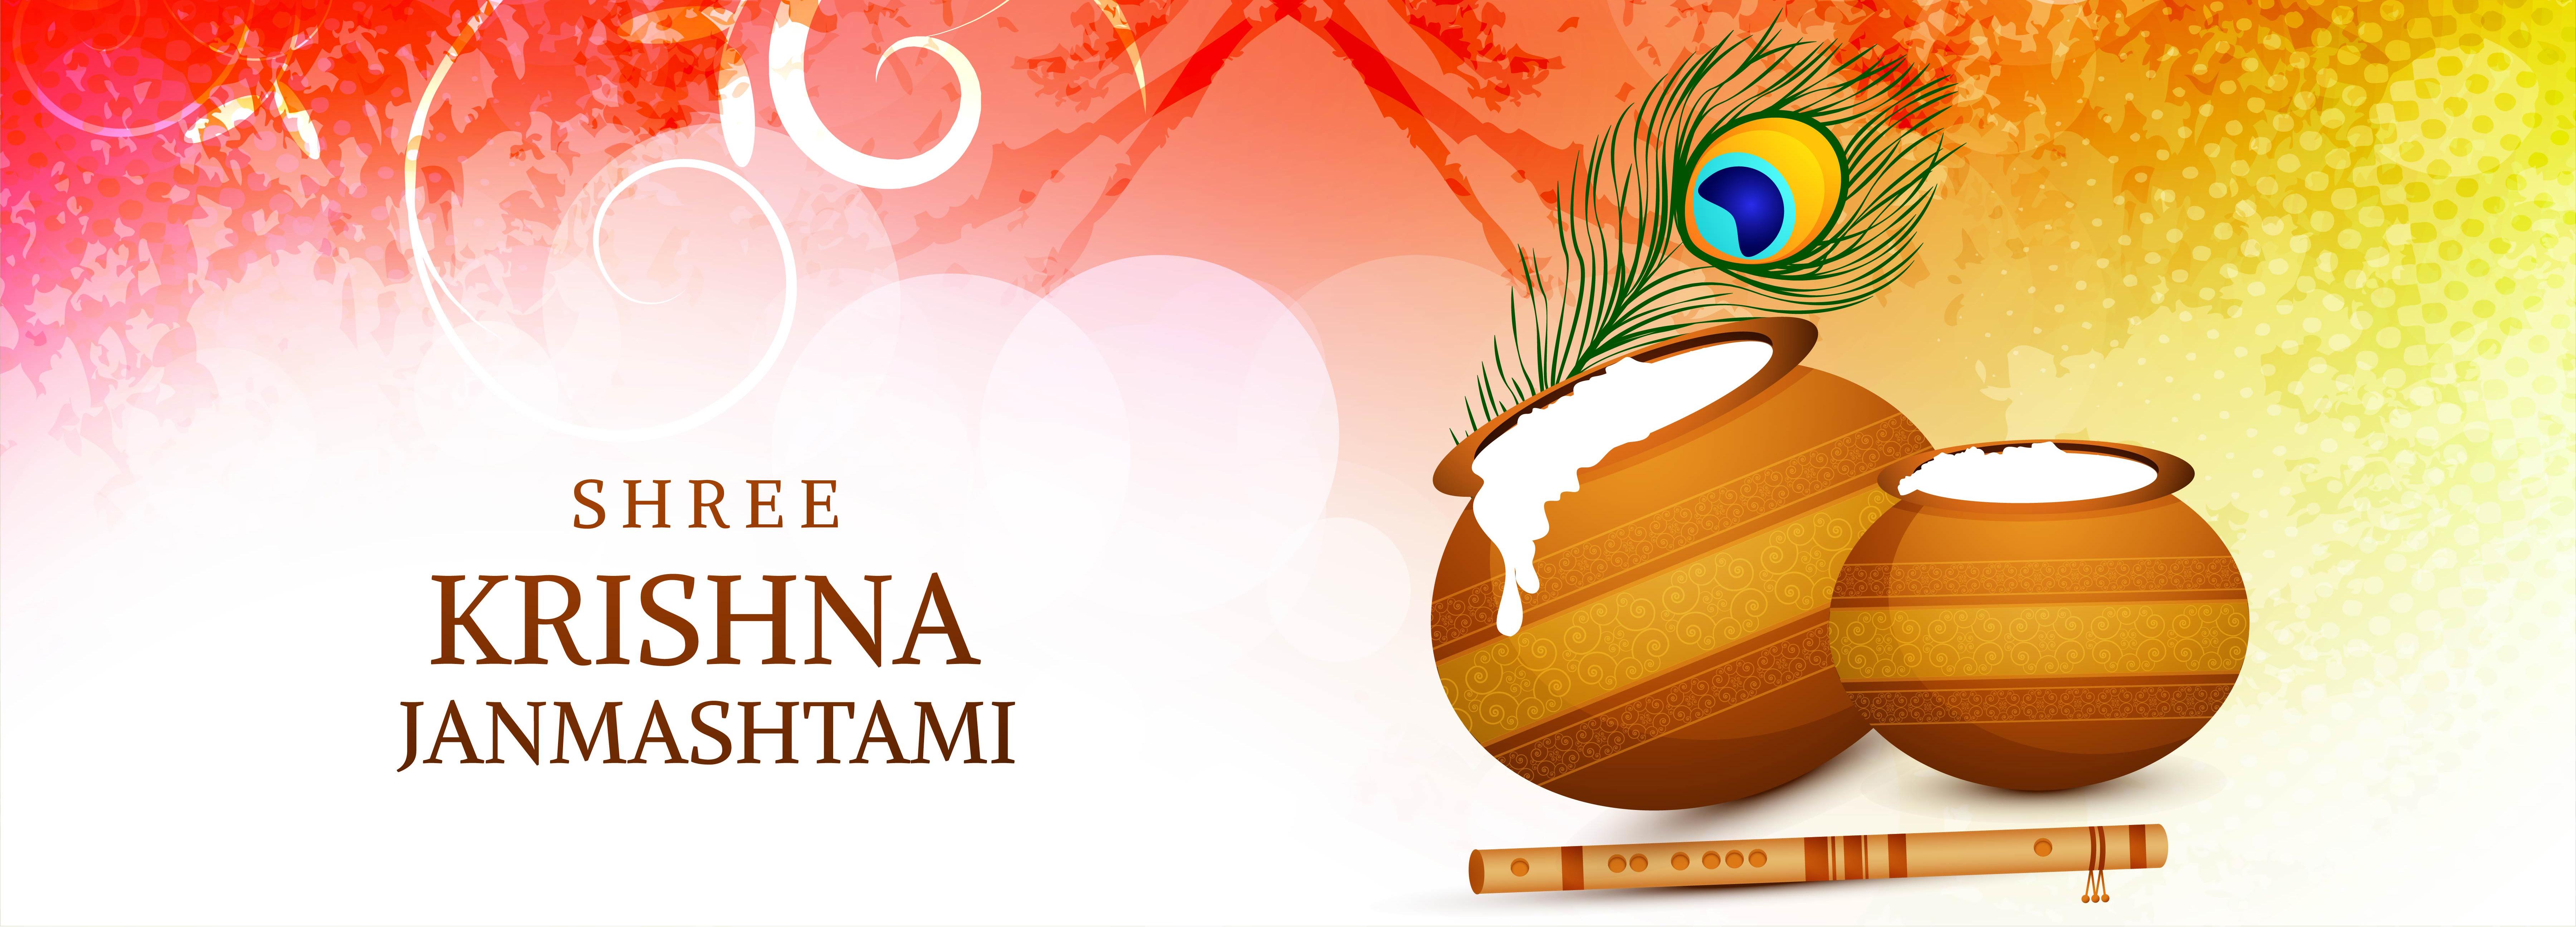 festival de janmashtami banner tarjeta de celebración en rojo, amarillo